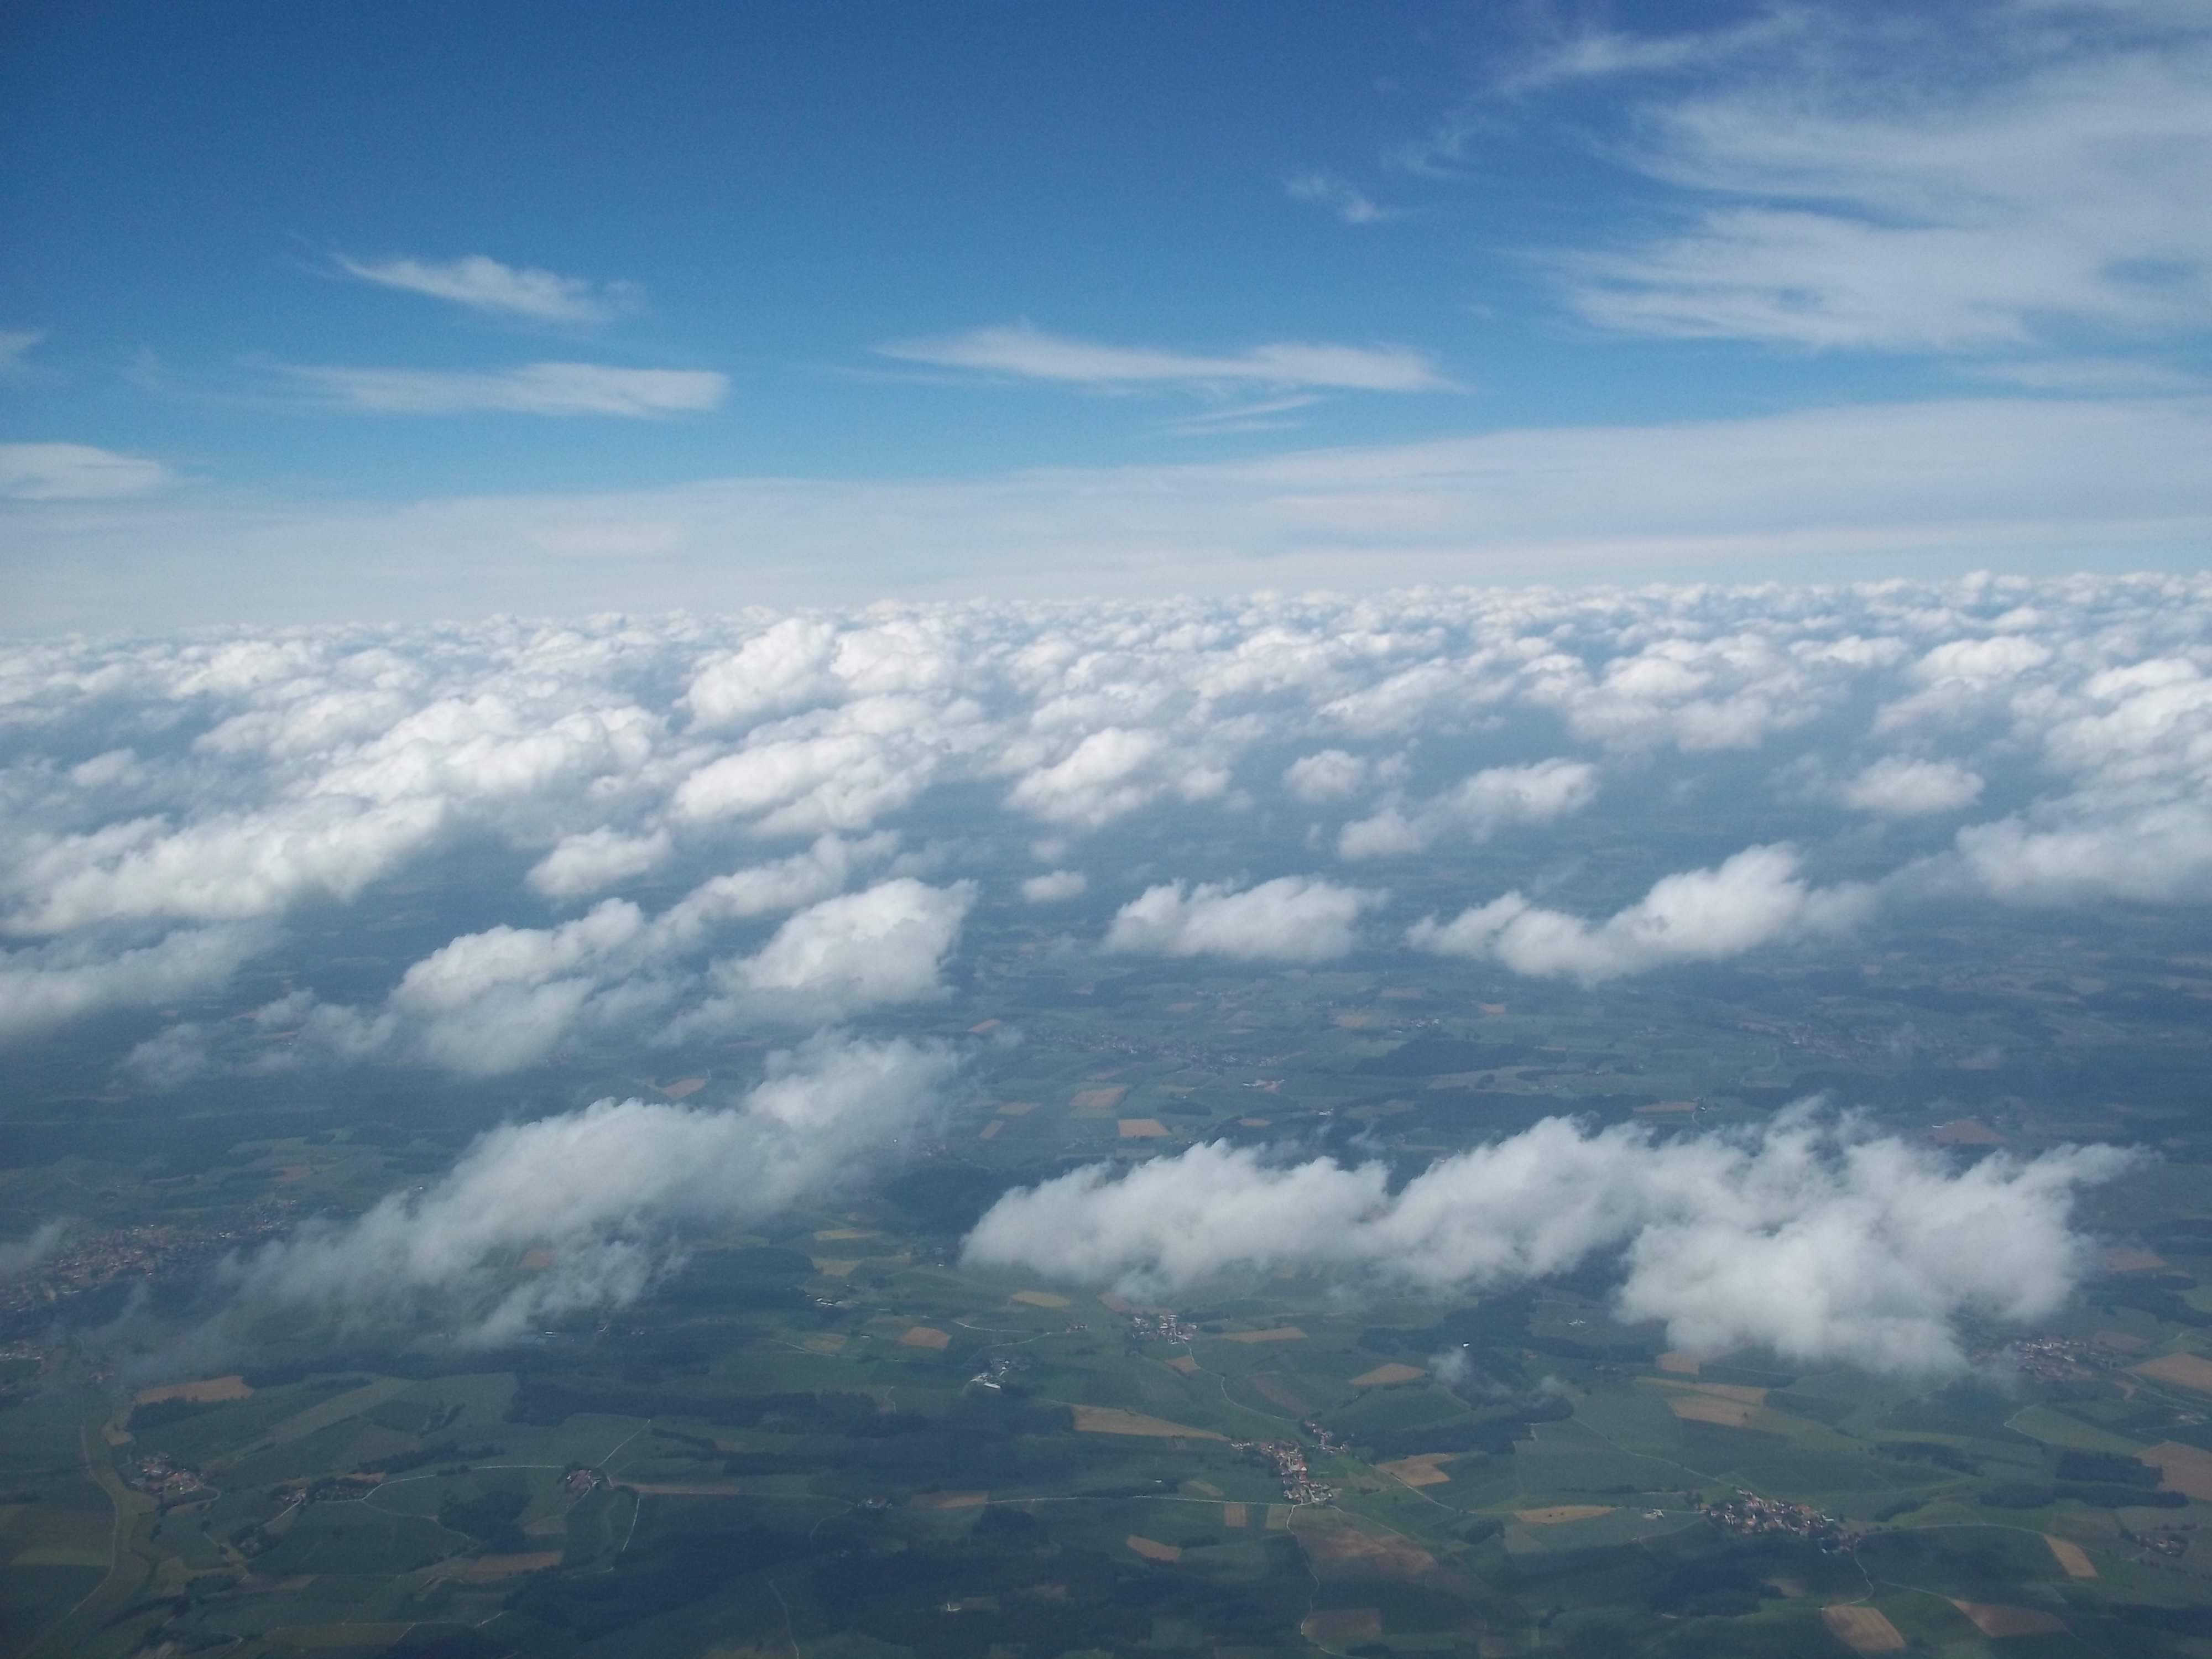 Gesund aus dem Flieger steigen – das solltest du beachten